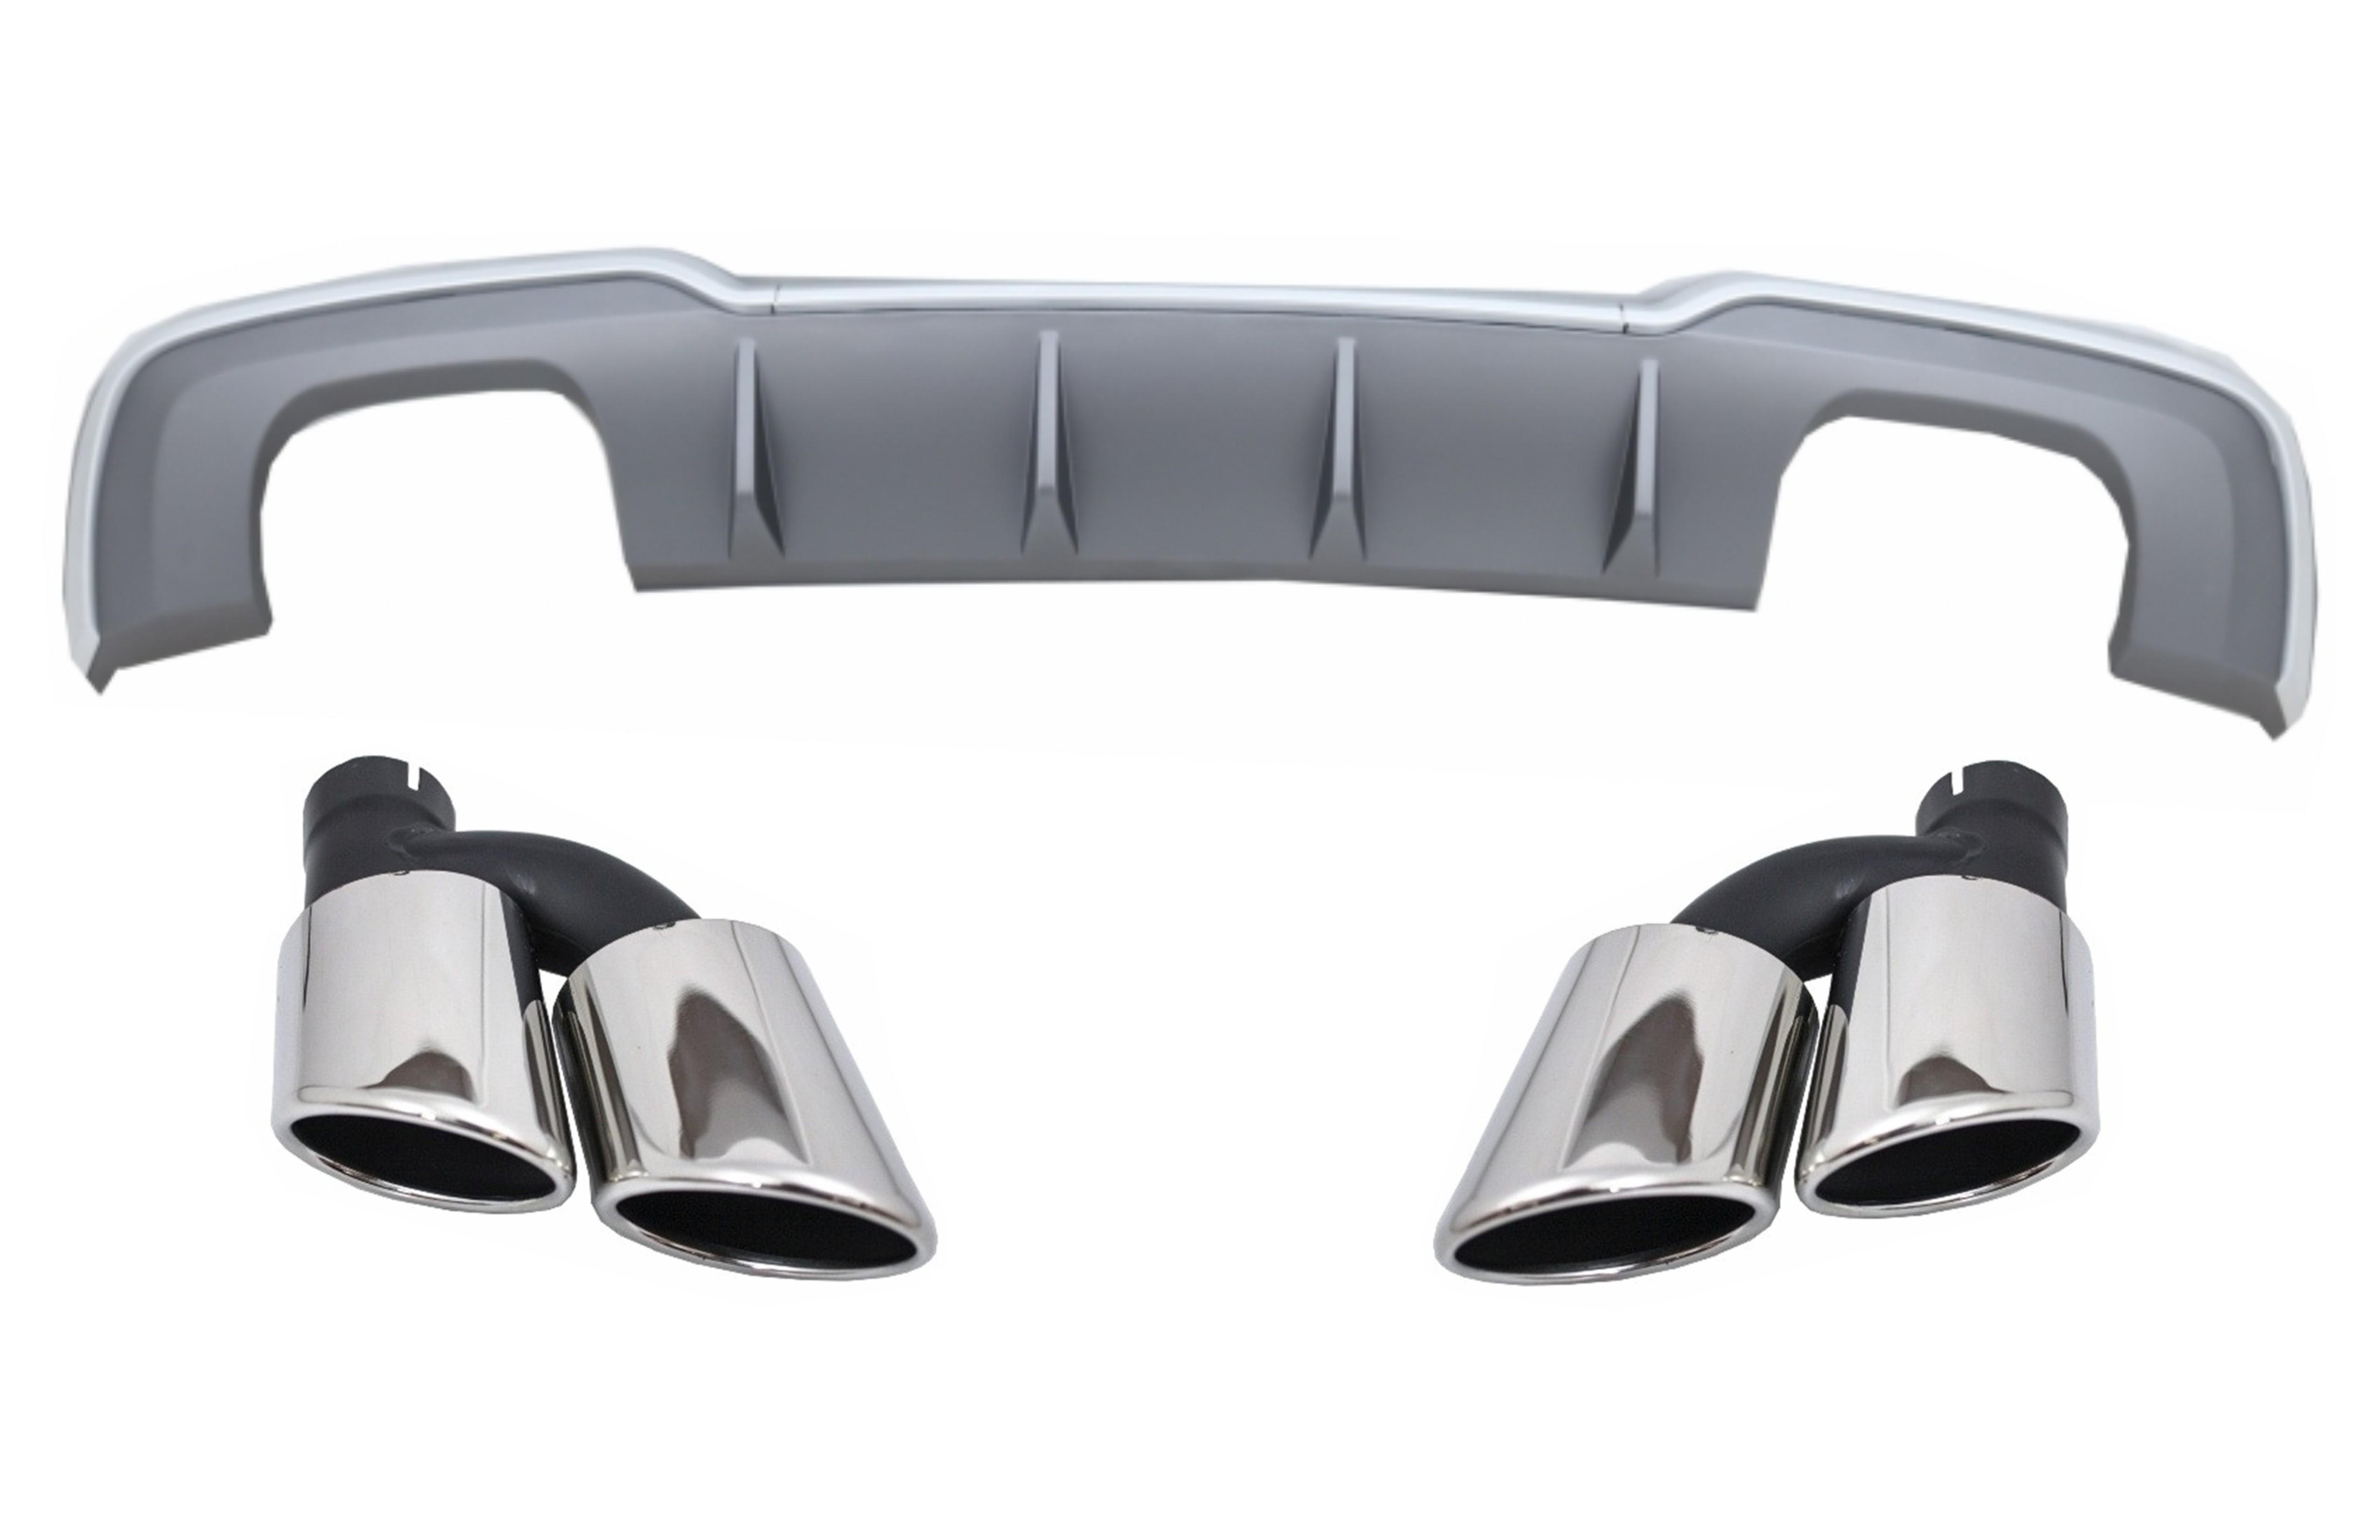 Details about Bumper Diffuser for Audi A3 8V Muffler Tips 16-19 S-Line  Hatchback Sportback S3